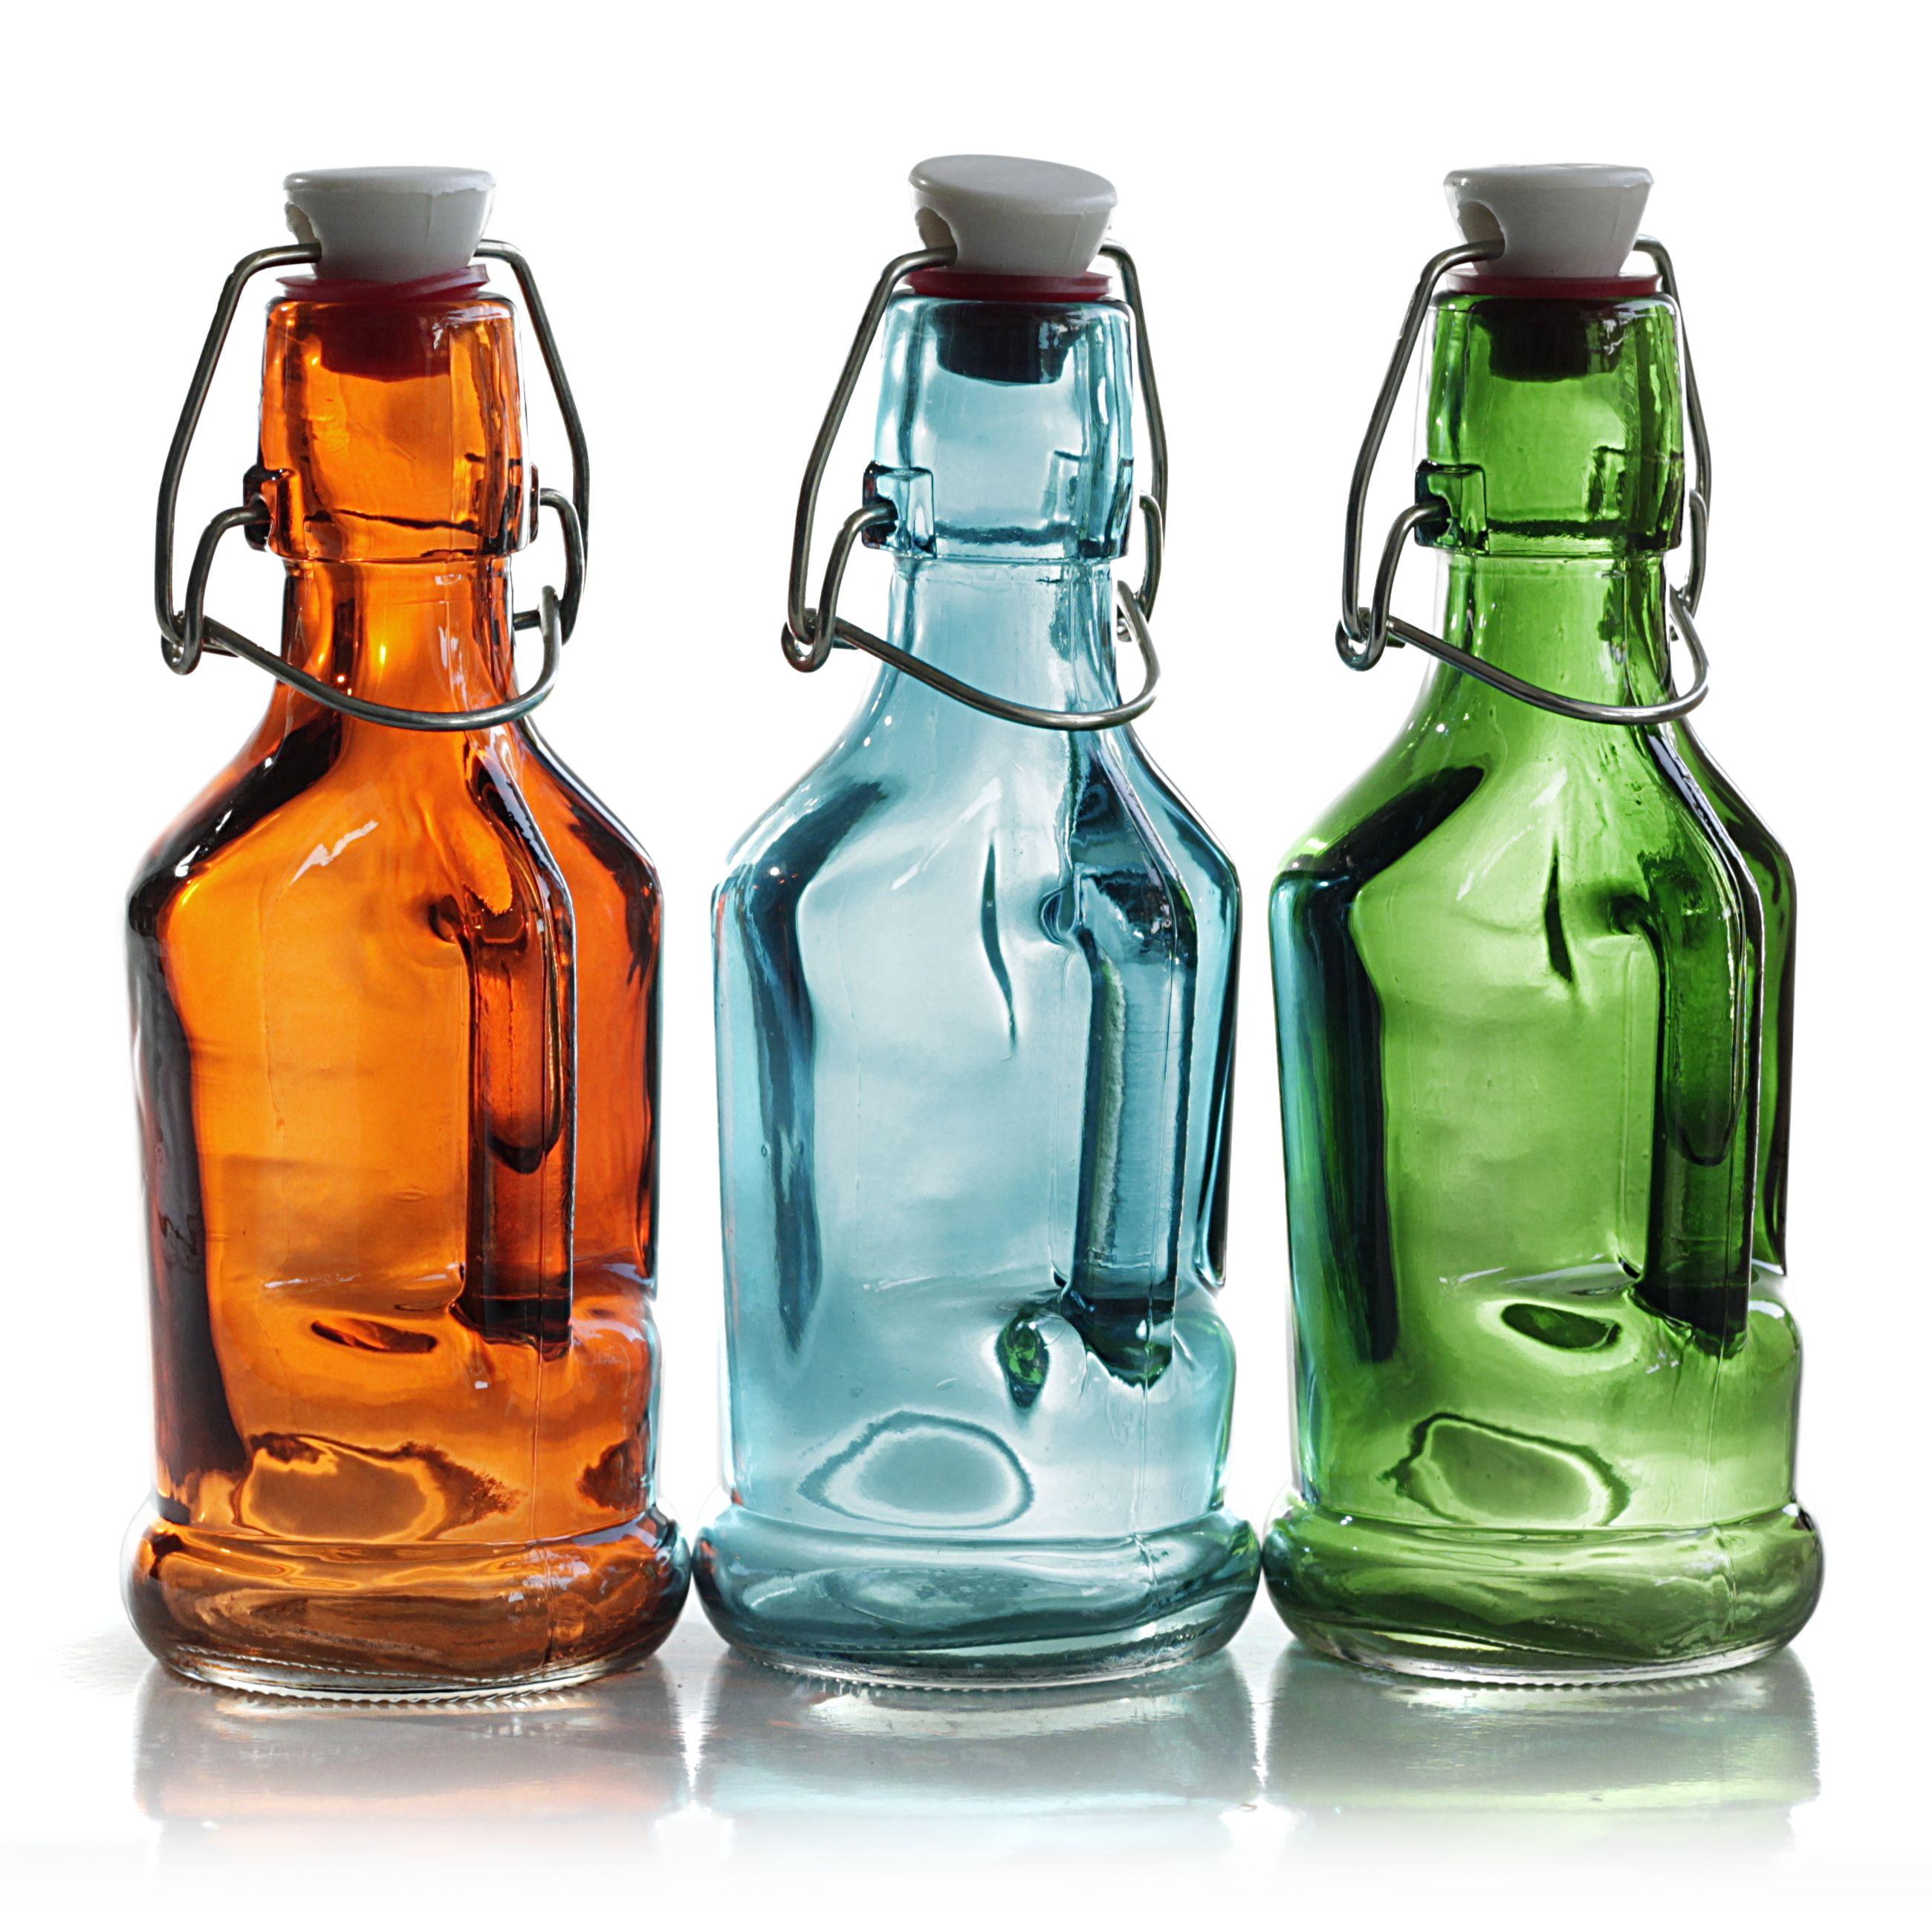 Bormioli Rocco Olivia Glass Oil & Vinegar Bottle - 7 oz | Blown ...